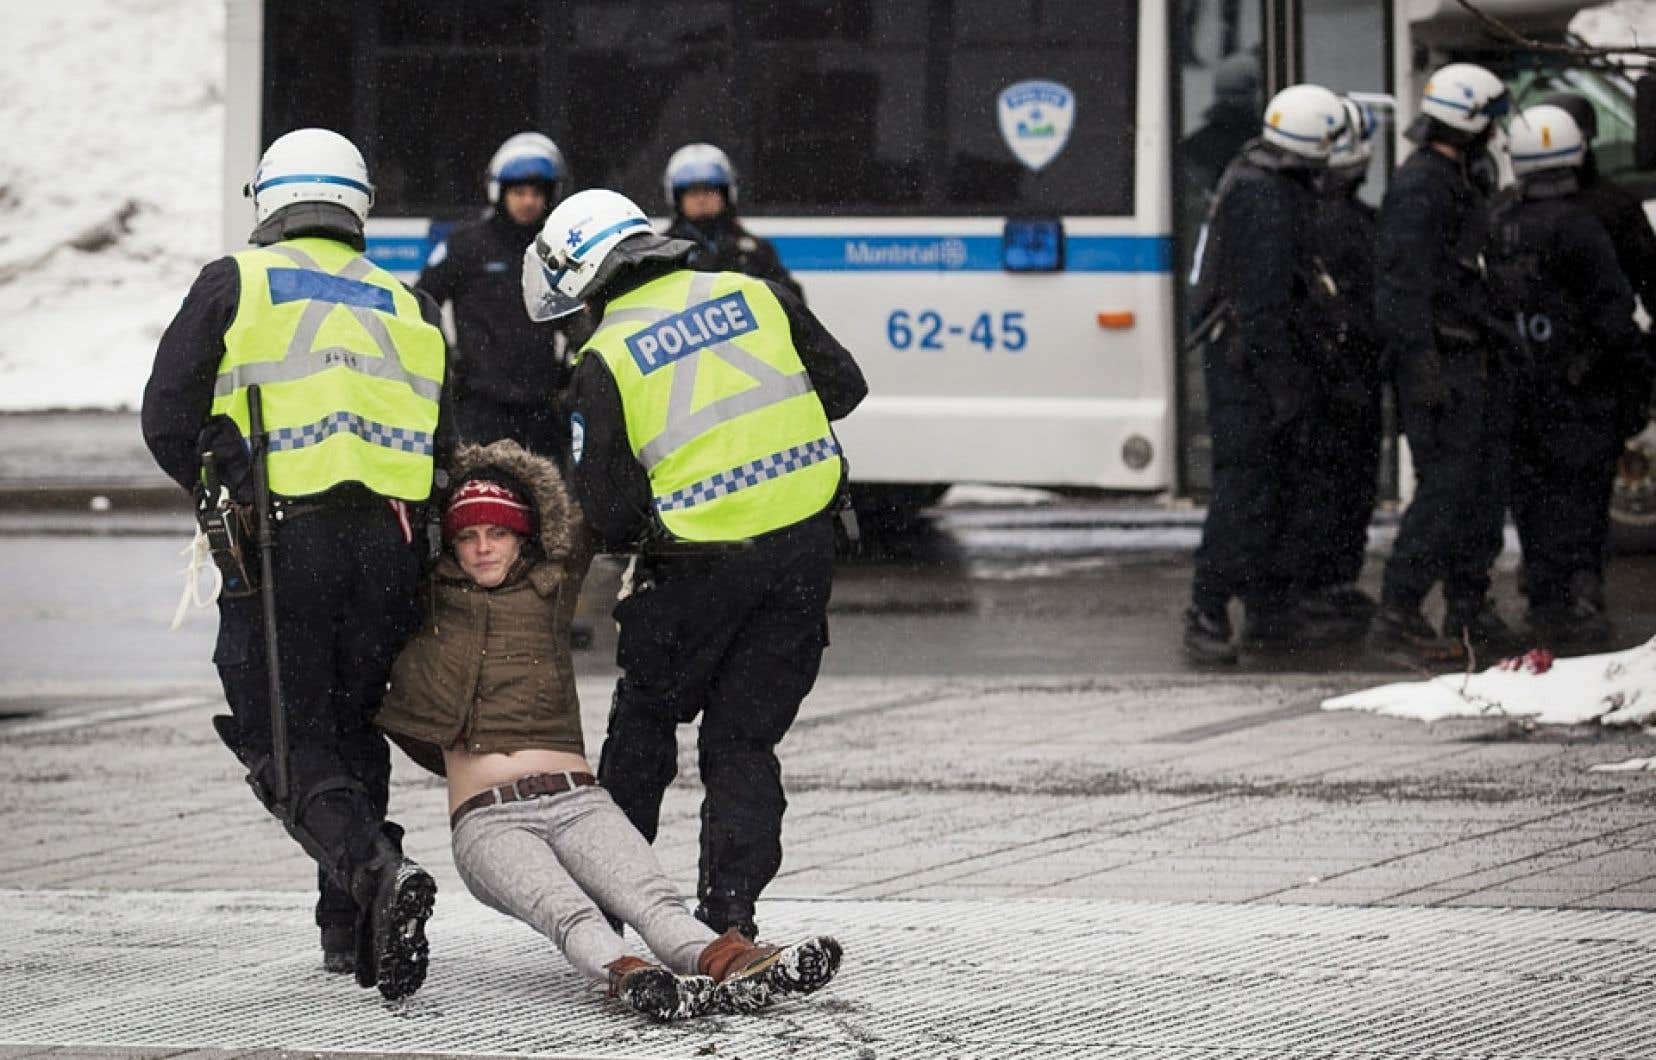 Arrestation lors de la manifestation contre la brutalité policière, le 15 mars dernier, à Montréal. Le règlement municipal P-6 a été voté le 18 mai 2012, mais n'a commencé à être utilisé de façon systématique par les policiers du SPVM qu'à partir du 15 mars 2013, soit 10 mois plus tard.